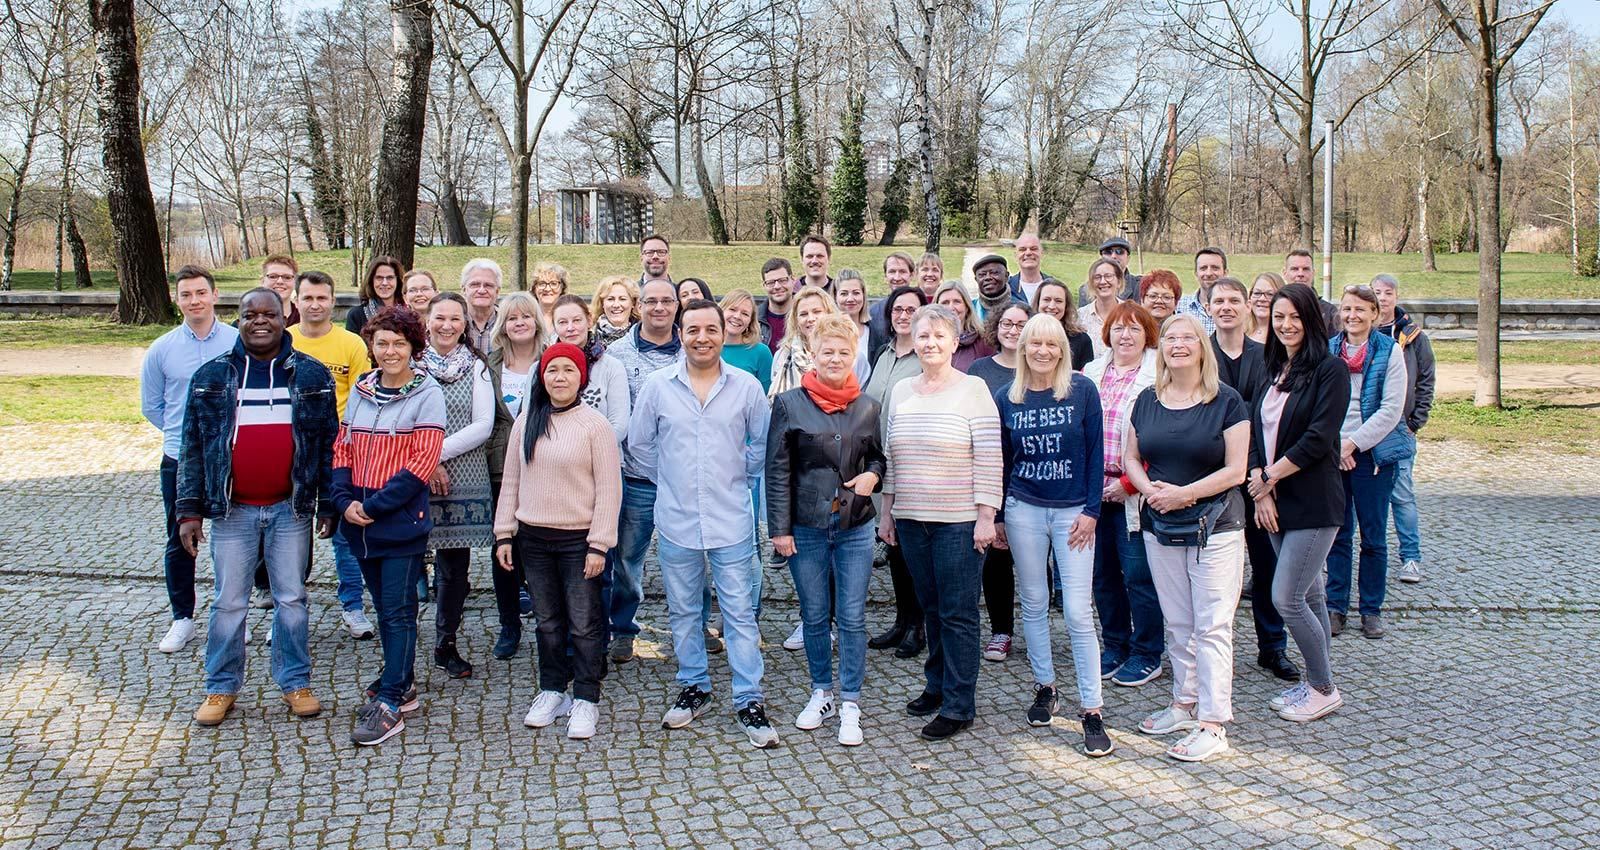 Phönix - Soziale Dienste in Berlin - Unser Team